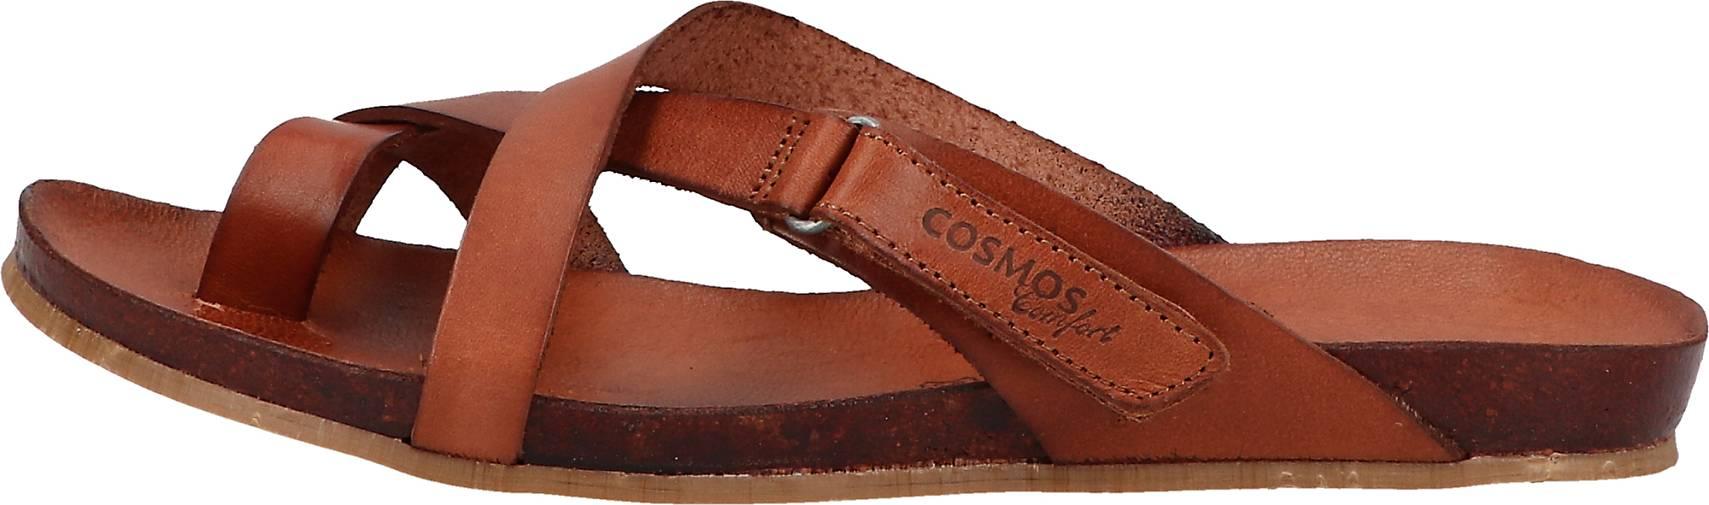 COSMOS Comfort Zehensteg